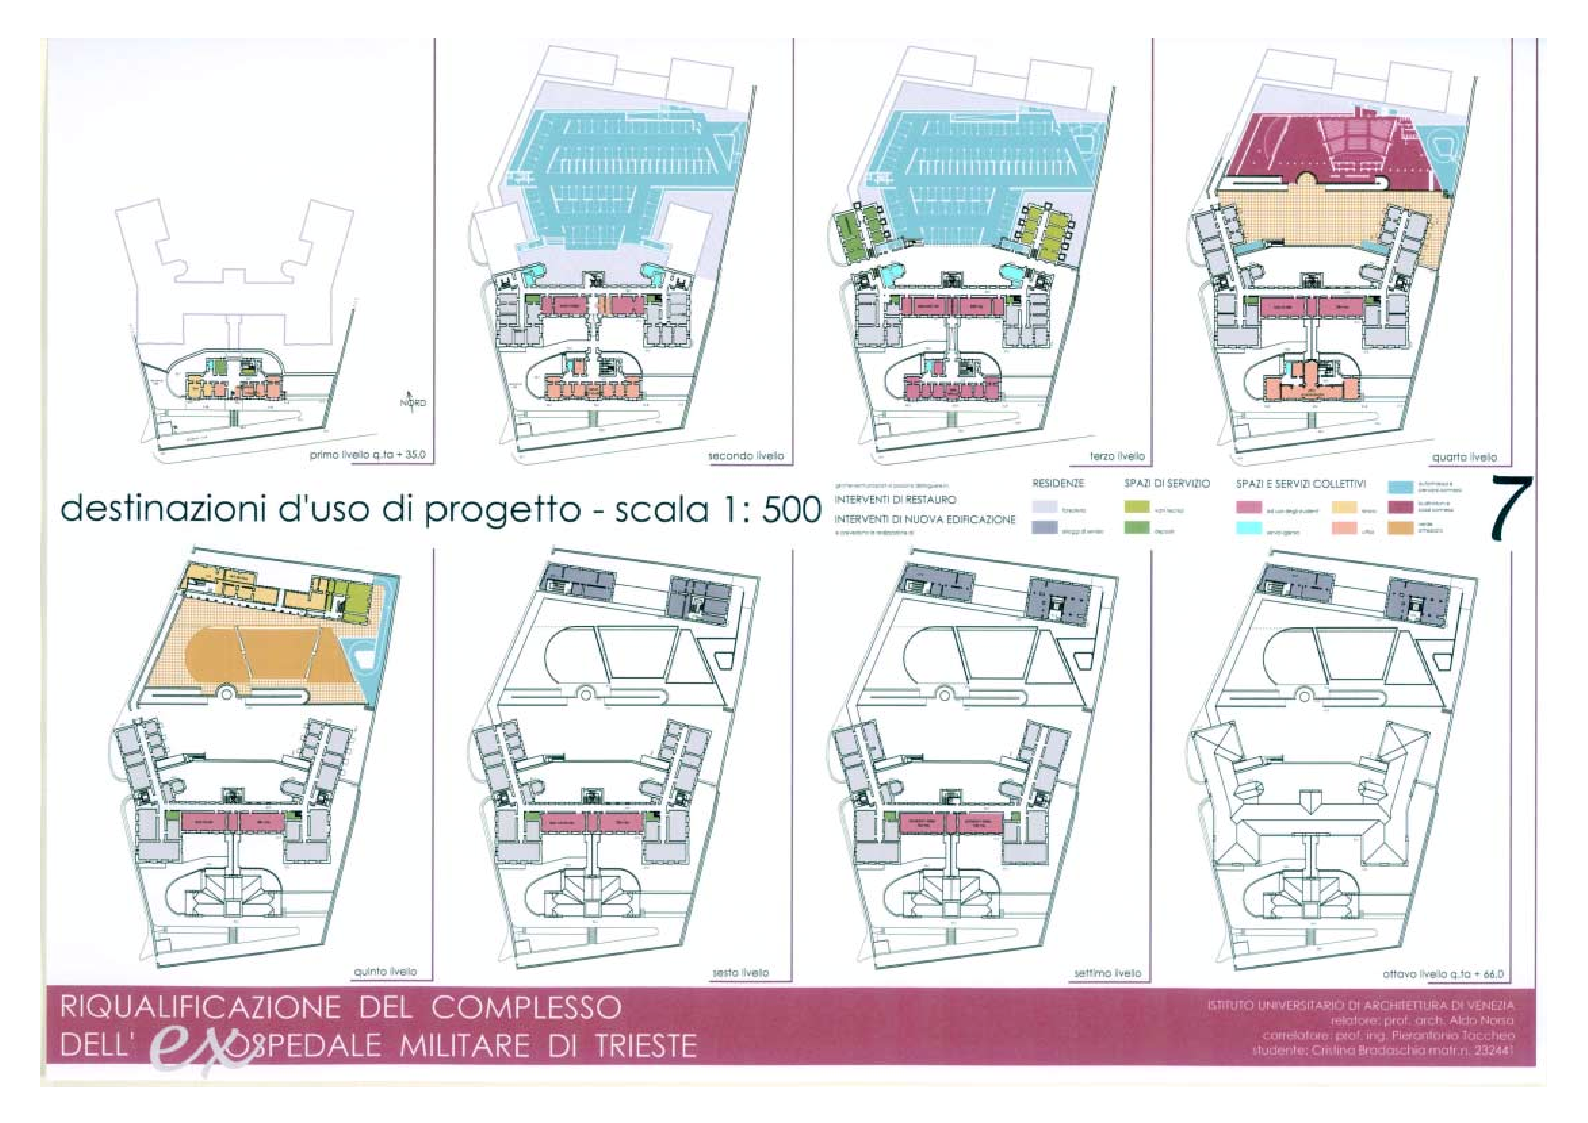 Anteprima della tesi: Riqualificazione del complesso dell'ex ospedale militare di Trieste, Pagina 3